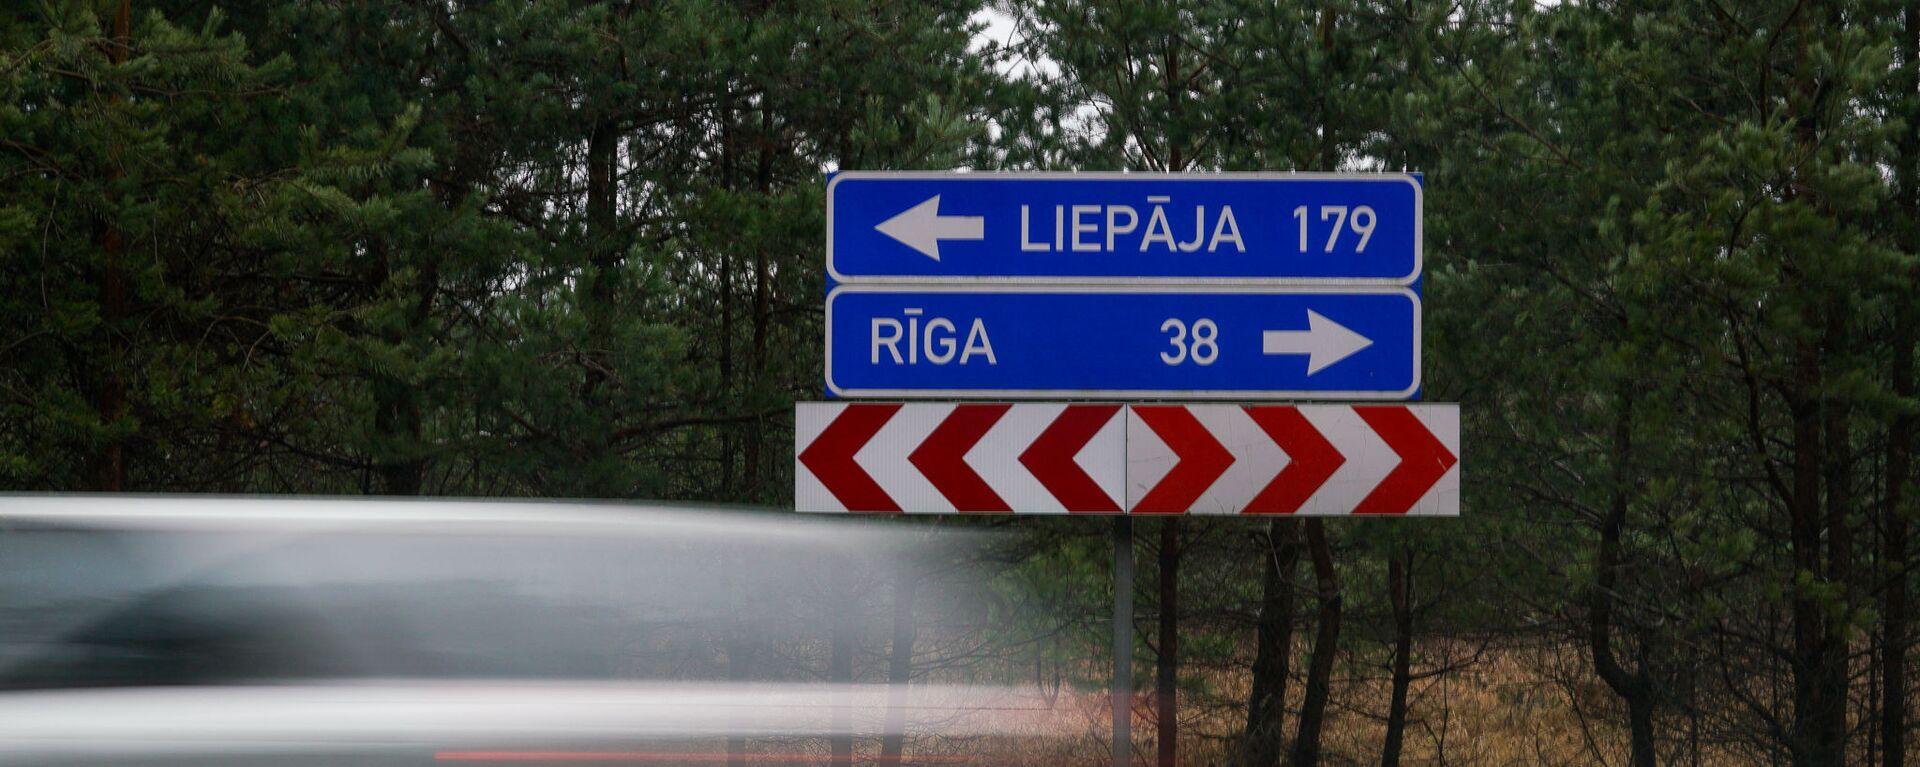 Трасса Рига - Лиепая - Sputnik Латвия, 1920, 27.06.2021